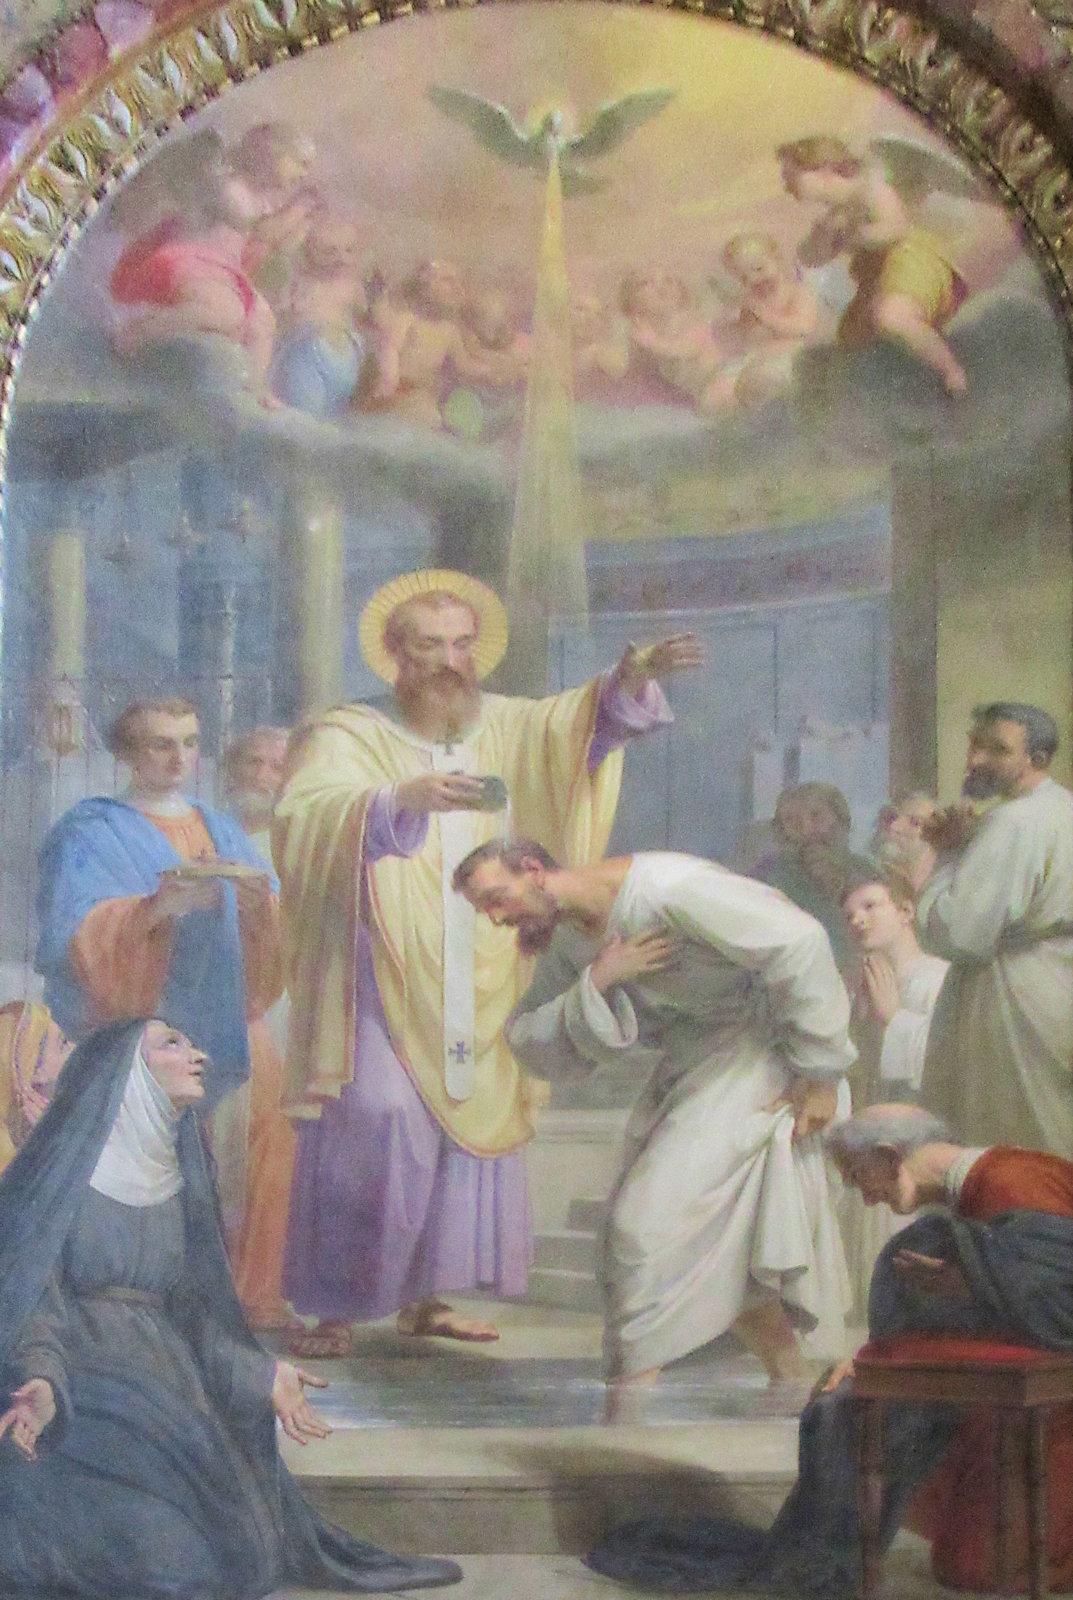 Pietro Gagliardi: Augustinus wird von Ambrosius im Beisein seiner Mutter Monika getauft, um 1850, in der Kirche Sant'Agostino in Rom